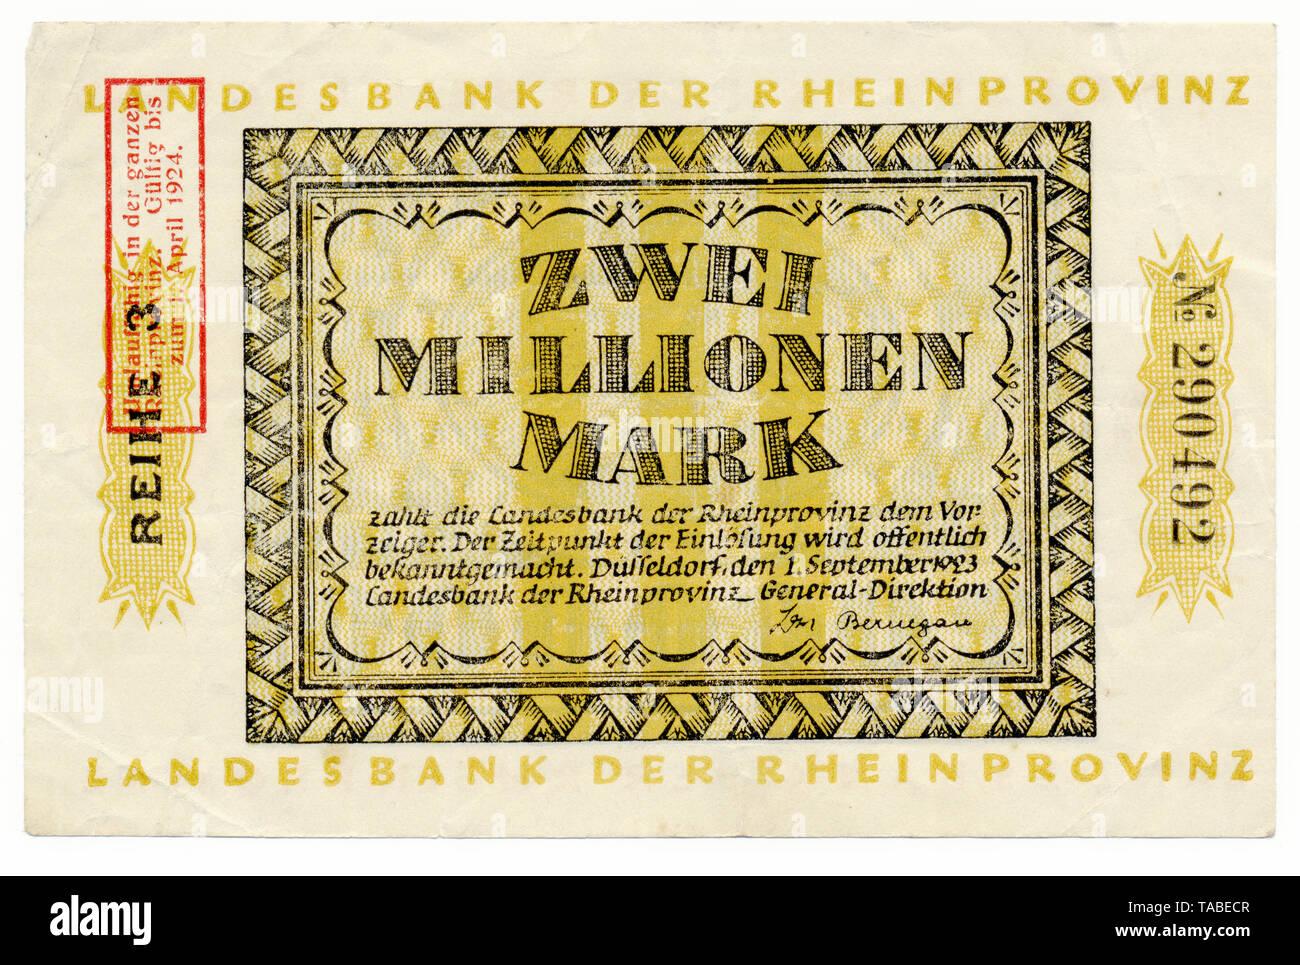 Vor der Reichsbank Banknote, Vorderseite einer Banknote, Landesbank der Rheinprovinz, 2 Millionen Mark, 1924, Inflationsgeld, Deutschland, Europa Stockbild